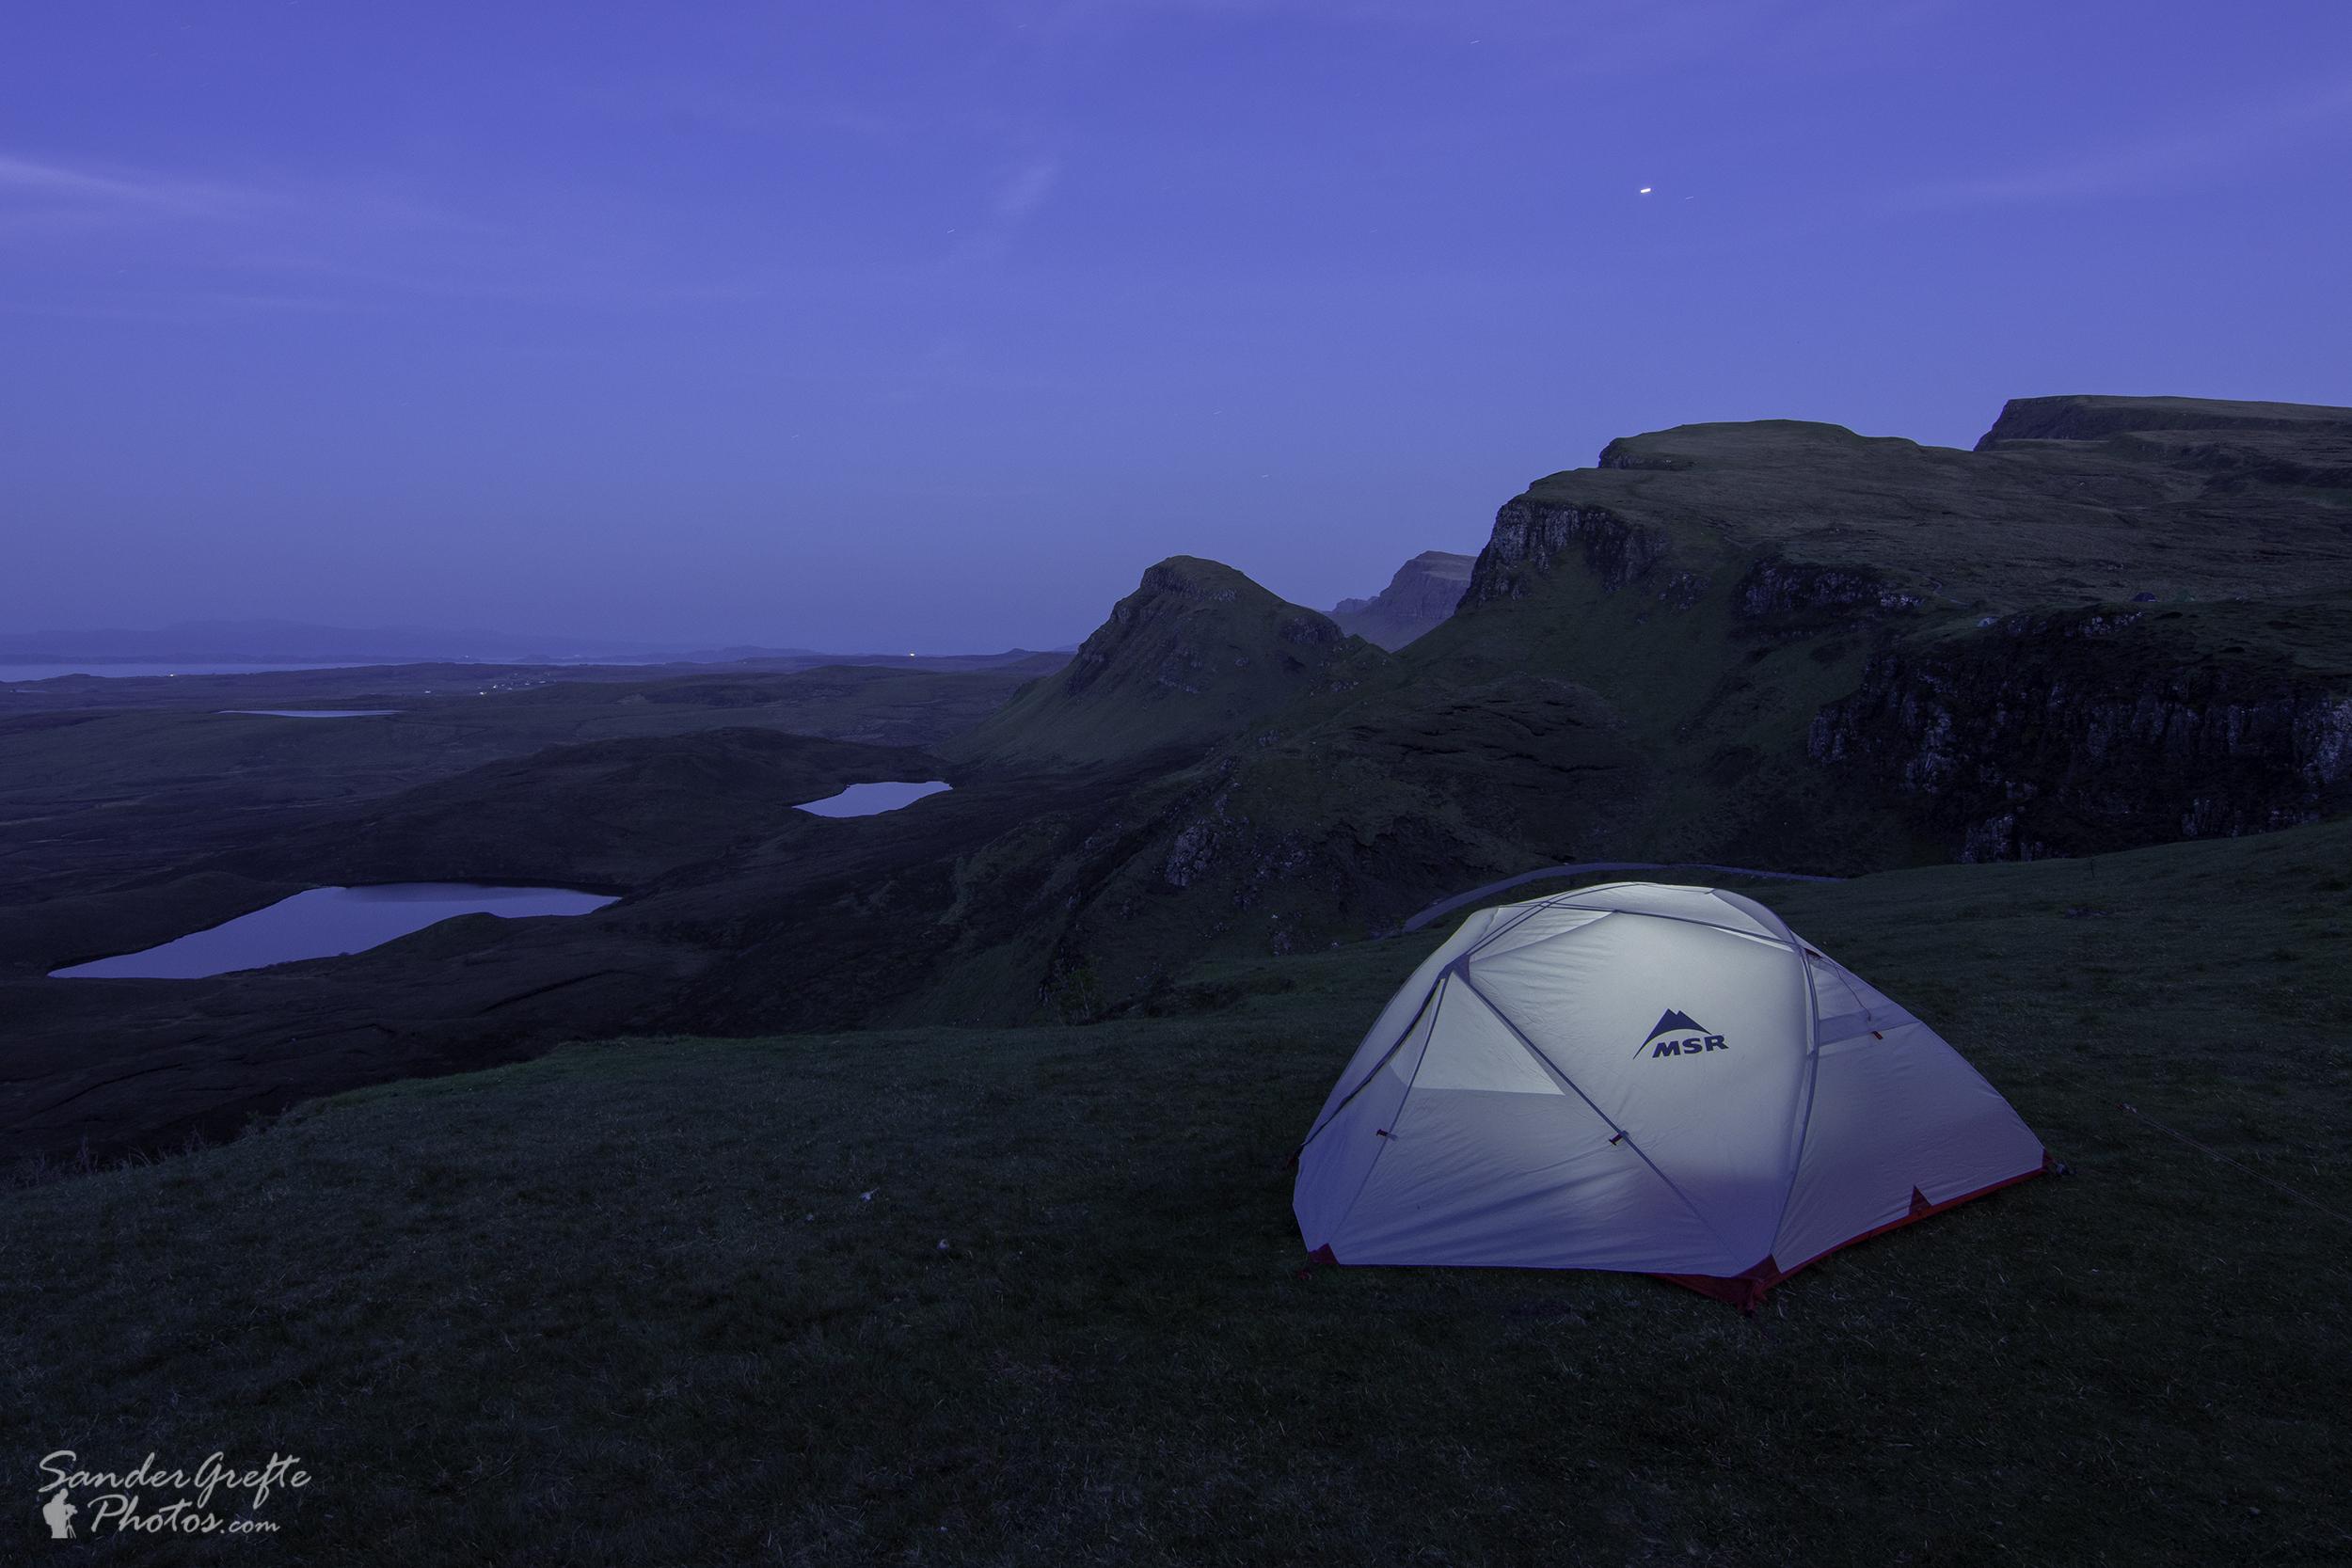 Overnachten bij Quiraing (Nikon D7200, 14mm, iso 200, f11, 64s)